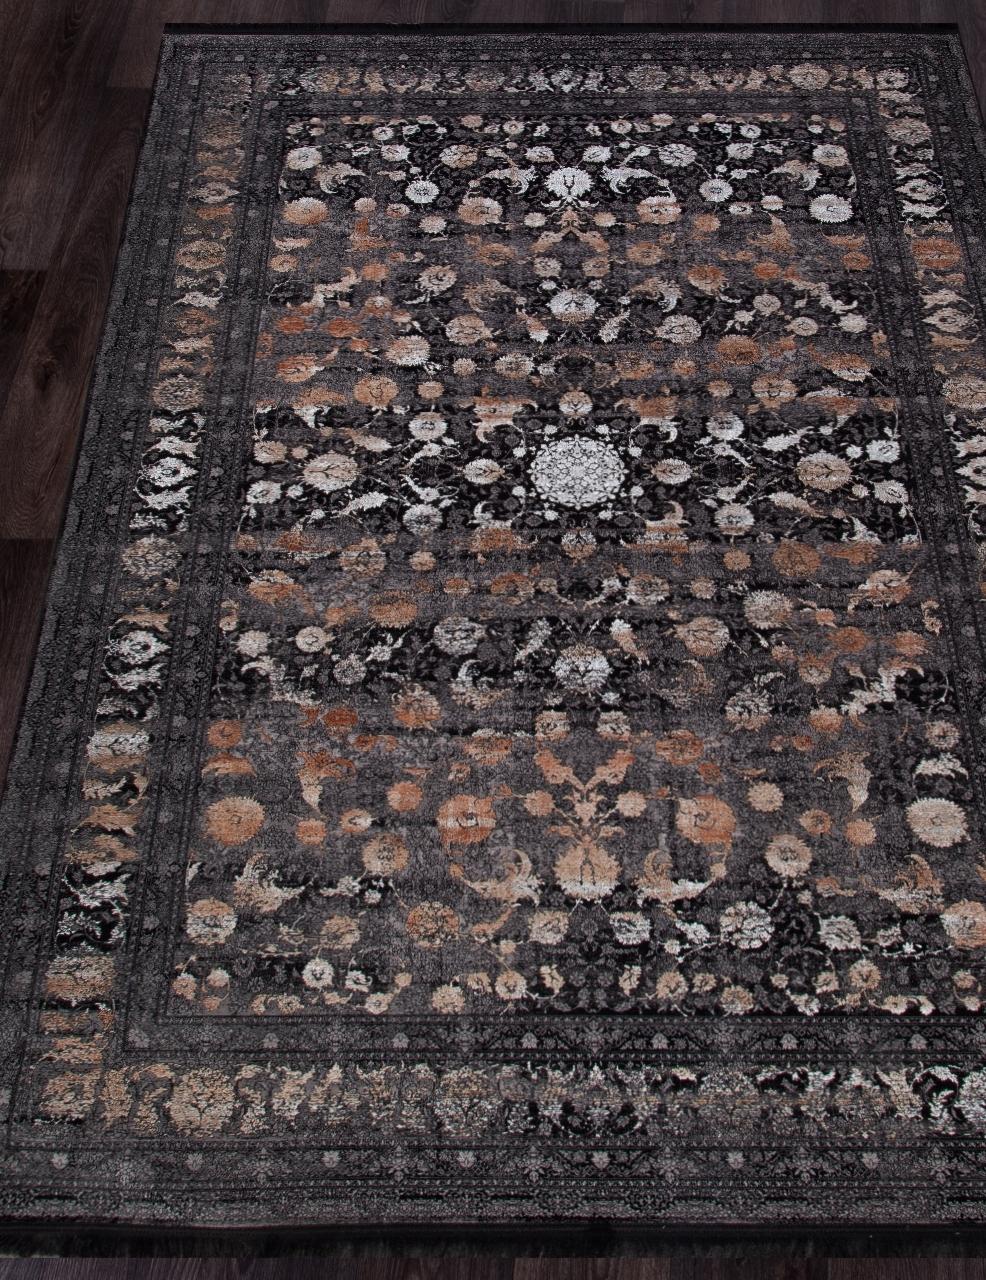 Ковер 9044 - 000 - Прямоугольник - коллекция MUSKAT 1200 - фото 1